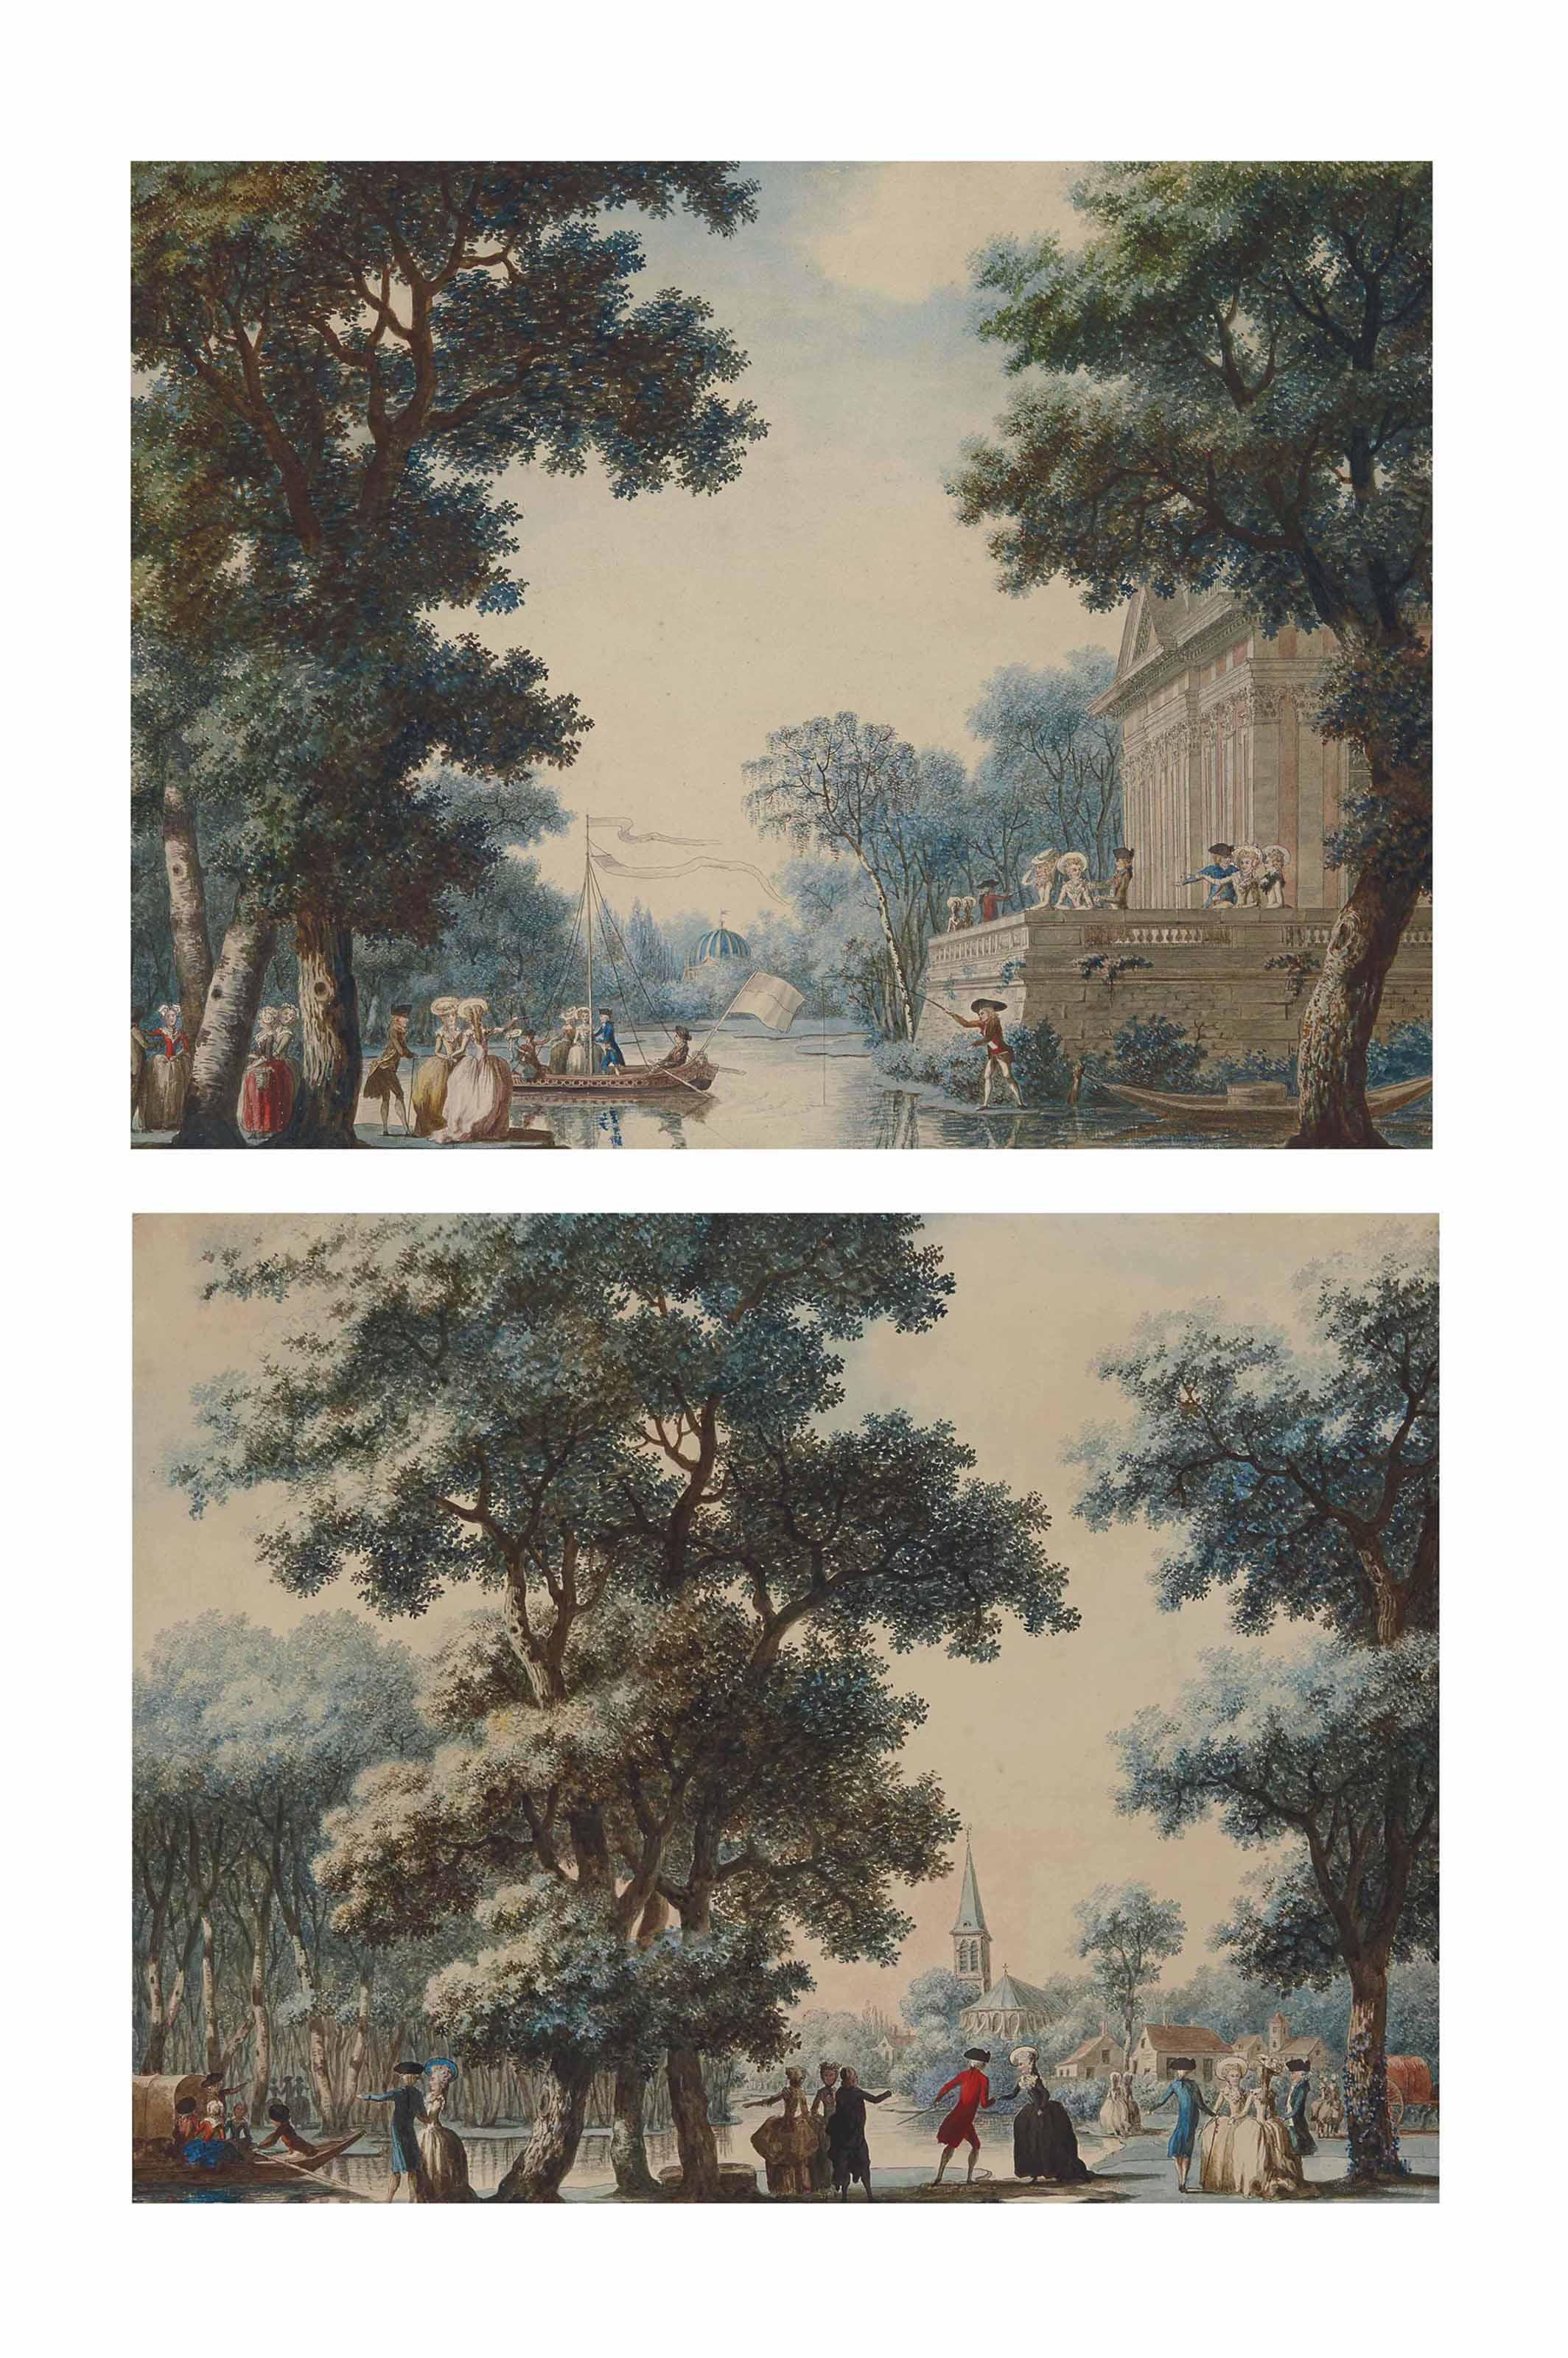 Promeneurs aux abords d'un plan d'eau dans un jardin arboré, la terrasse d'un château sur la droite ; et Promeneurs discutant devant un plan d'eau à l'entrée d'un village